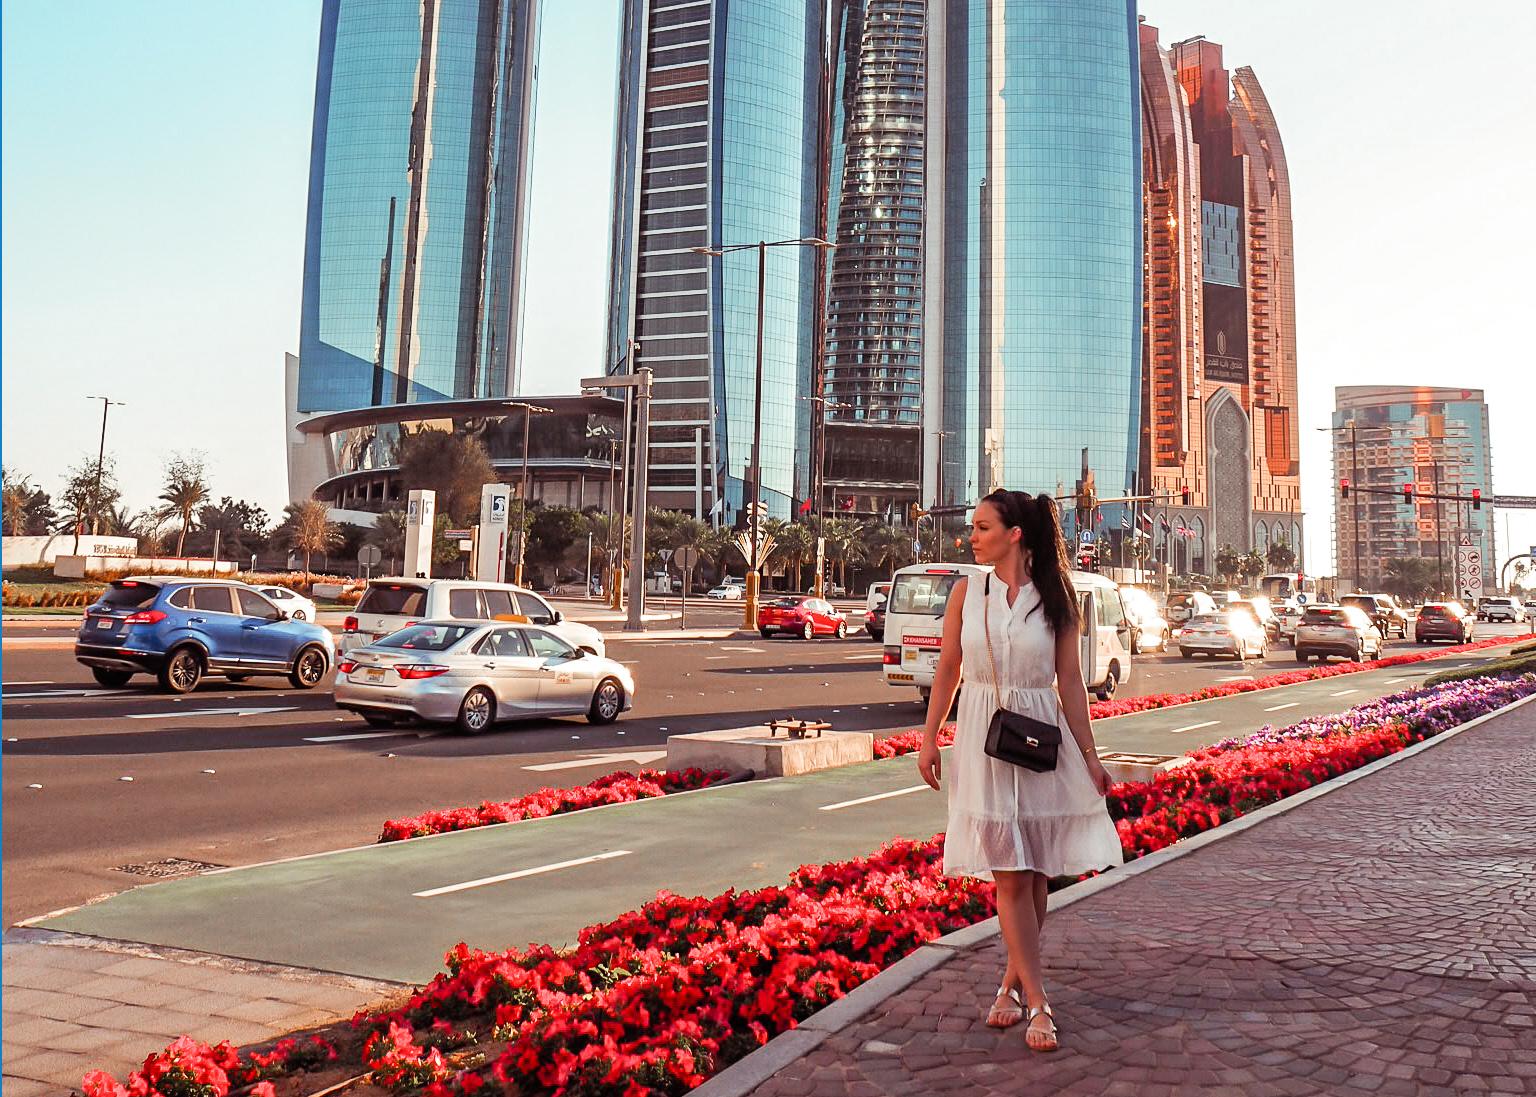 Abu Dhabi matkakohteena – Mikä hyvää, mikä huonoa?